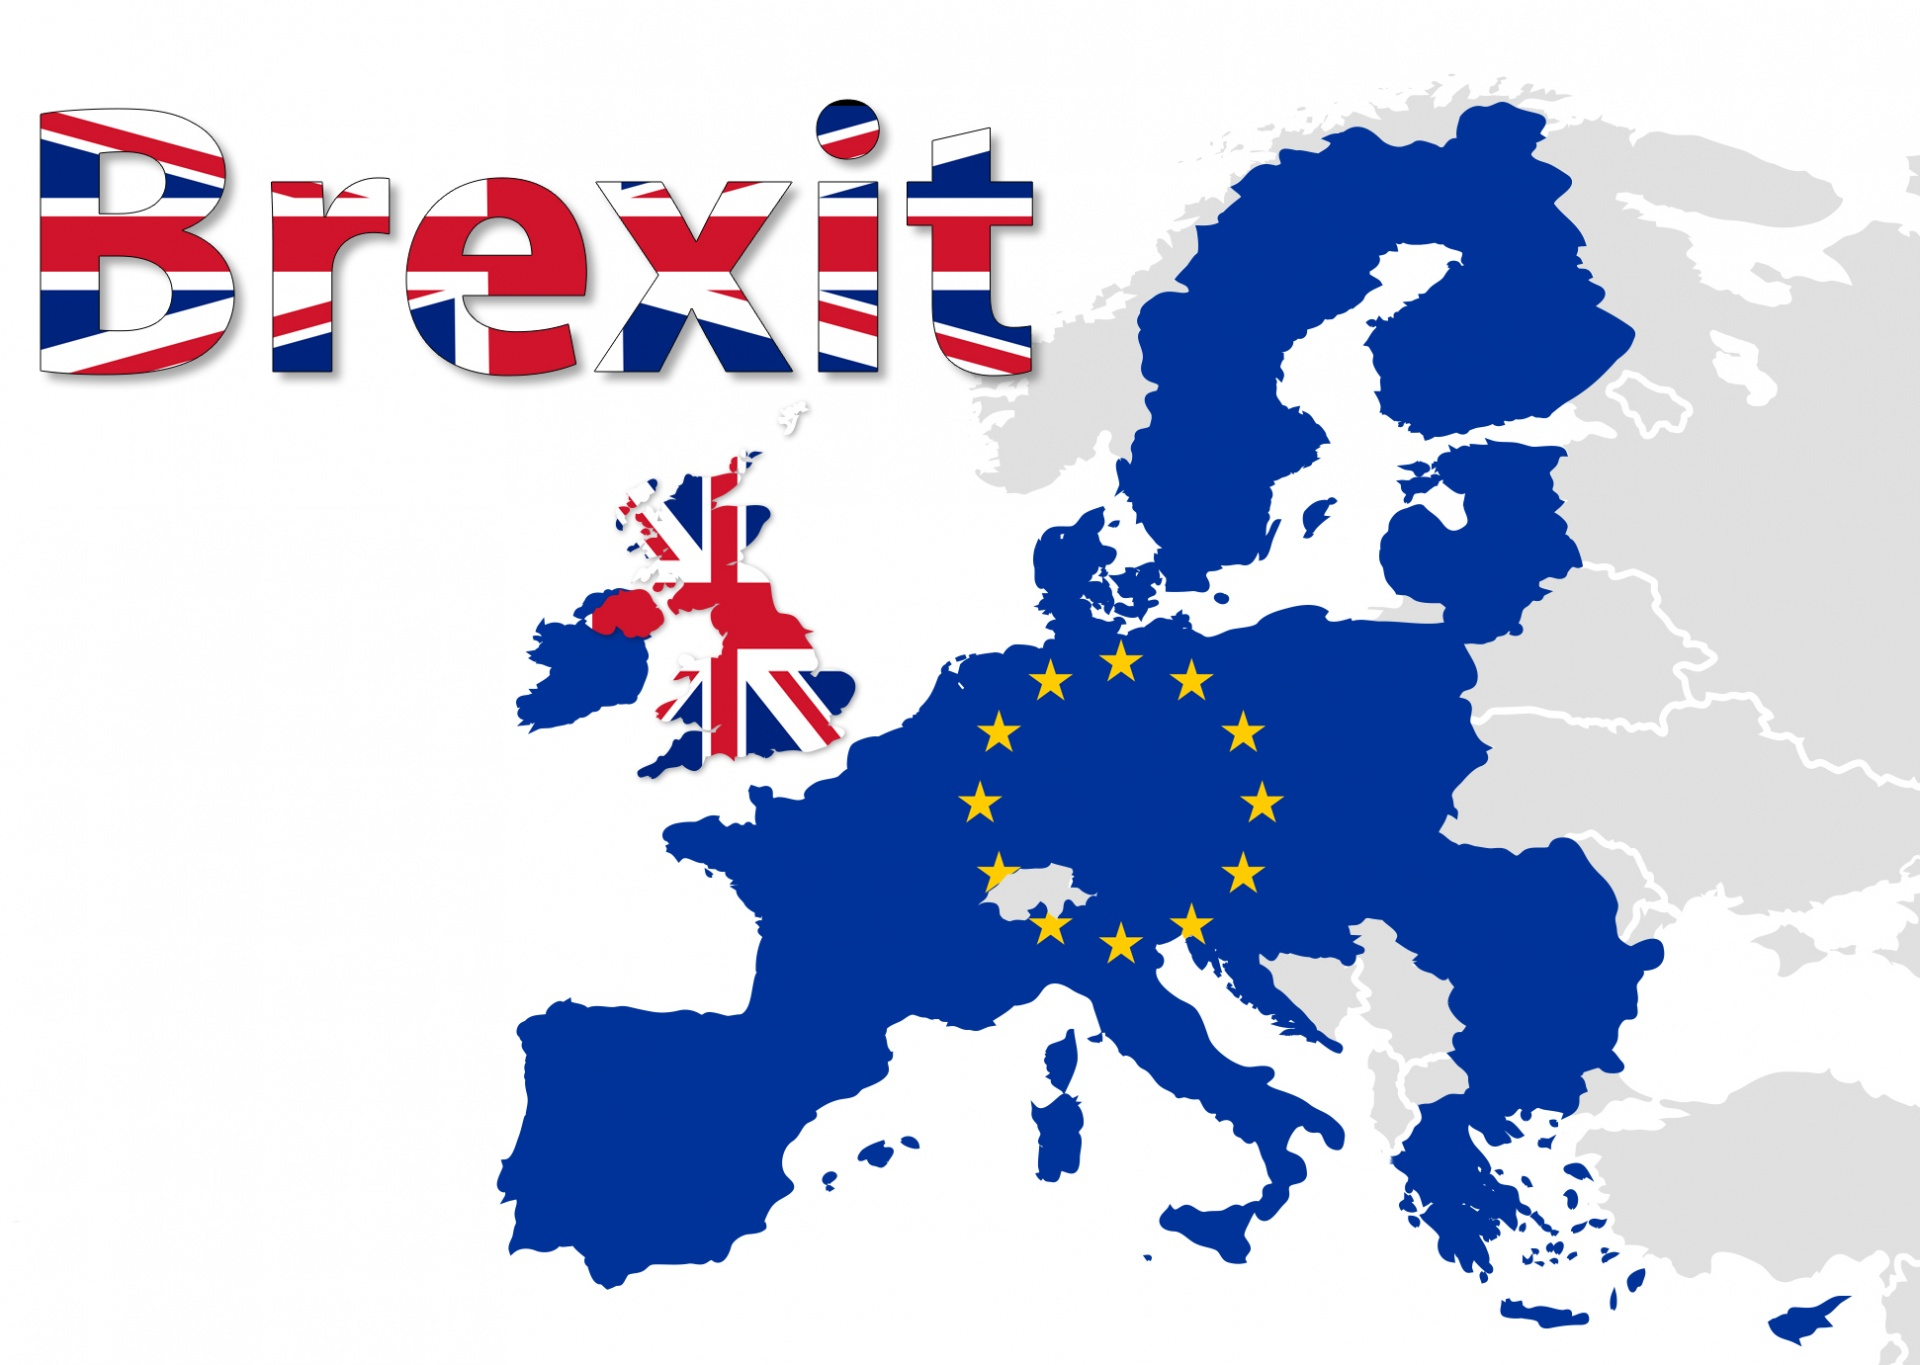 Le Brexit n'enraye pas la dynamique du marché immobilier de Marbella